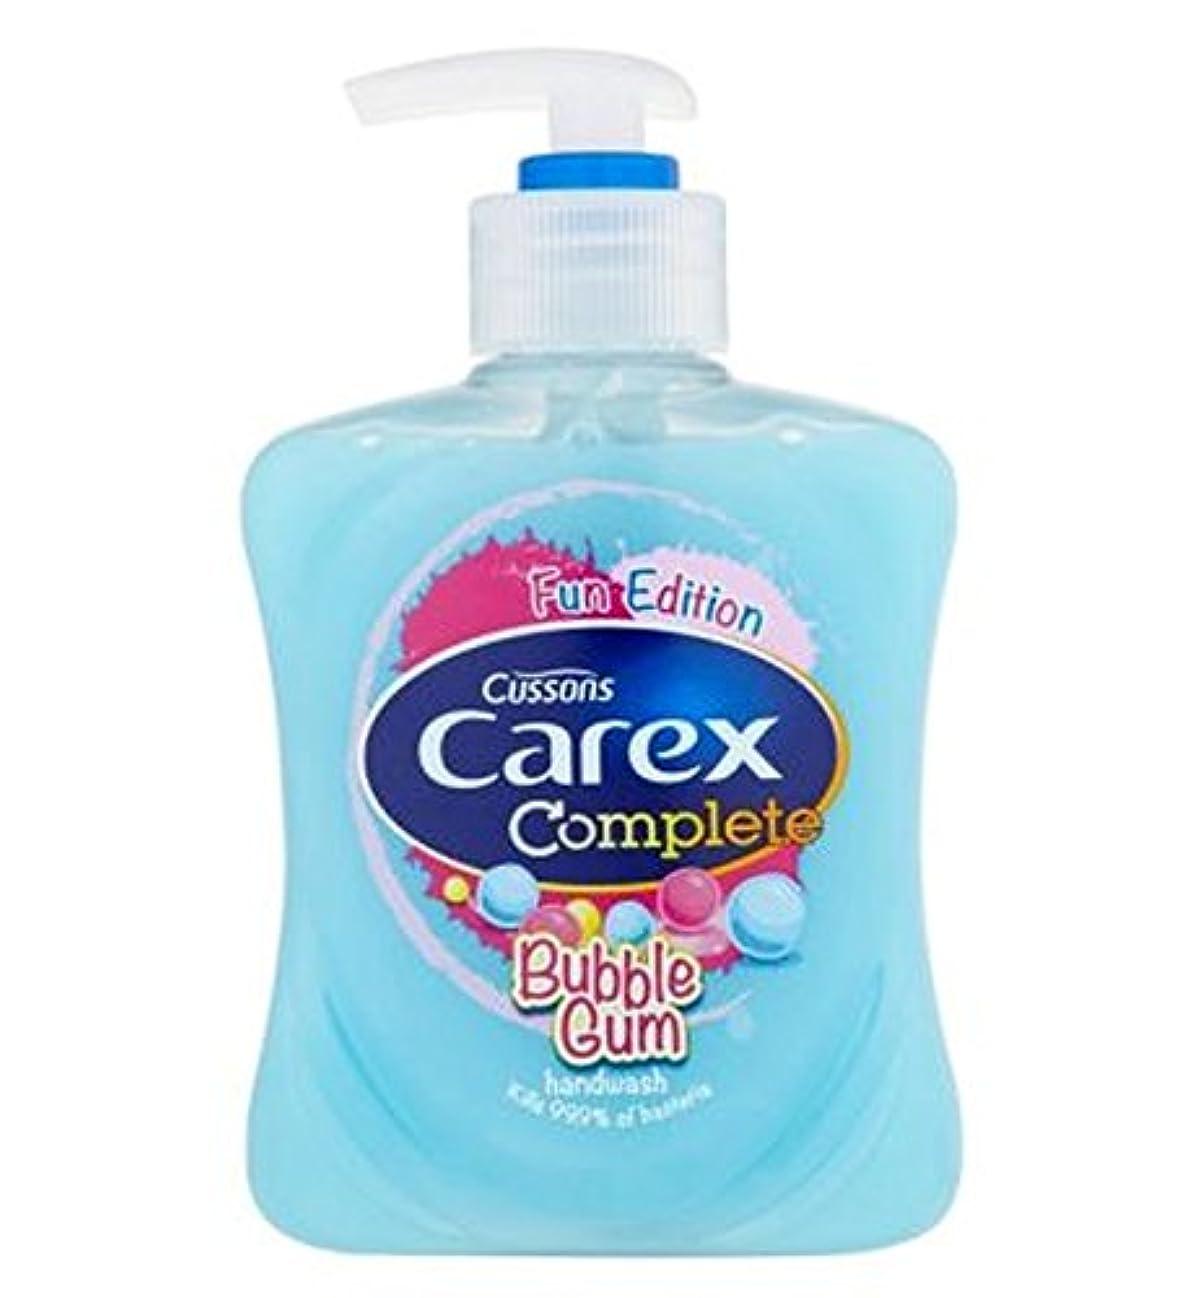 減らすポケットにんじんスゲ属楽しいバブルガムハンドウォッシュ250ミリリットル (Carex) (x2) - Carex Fun Bubble Gum Hand Wash 250ml (Pack of 2) [並行輸入品]